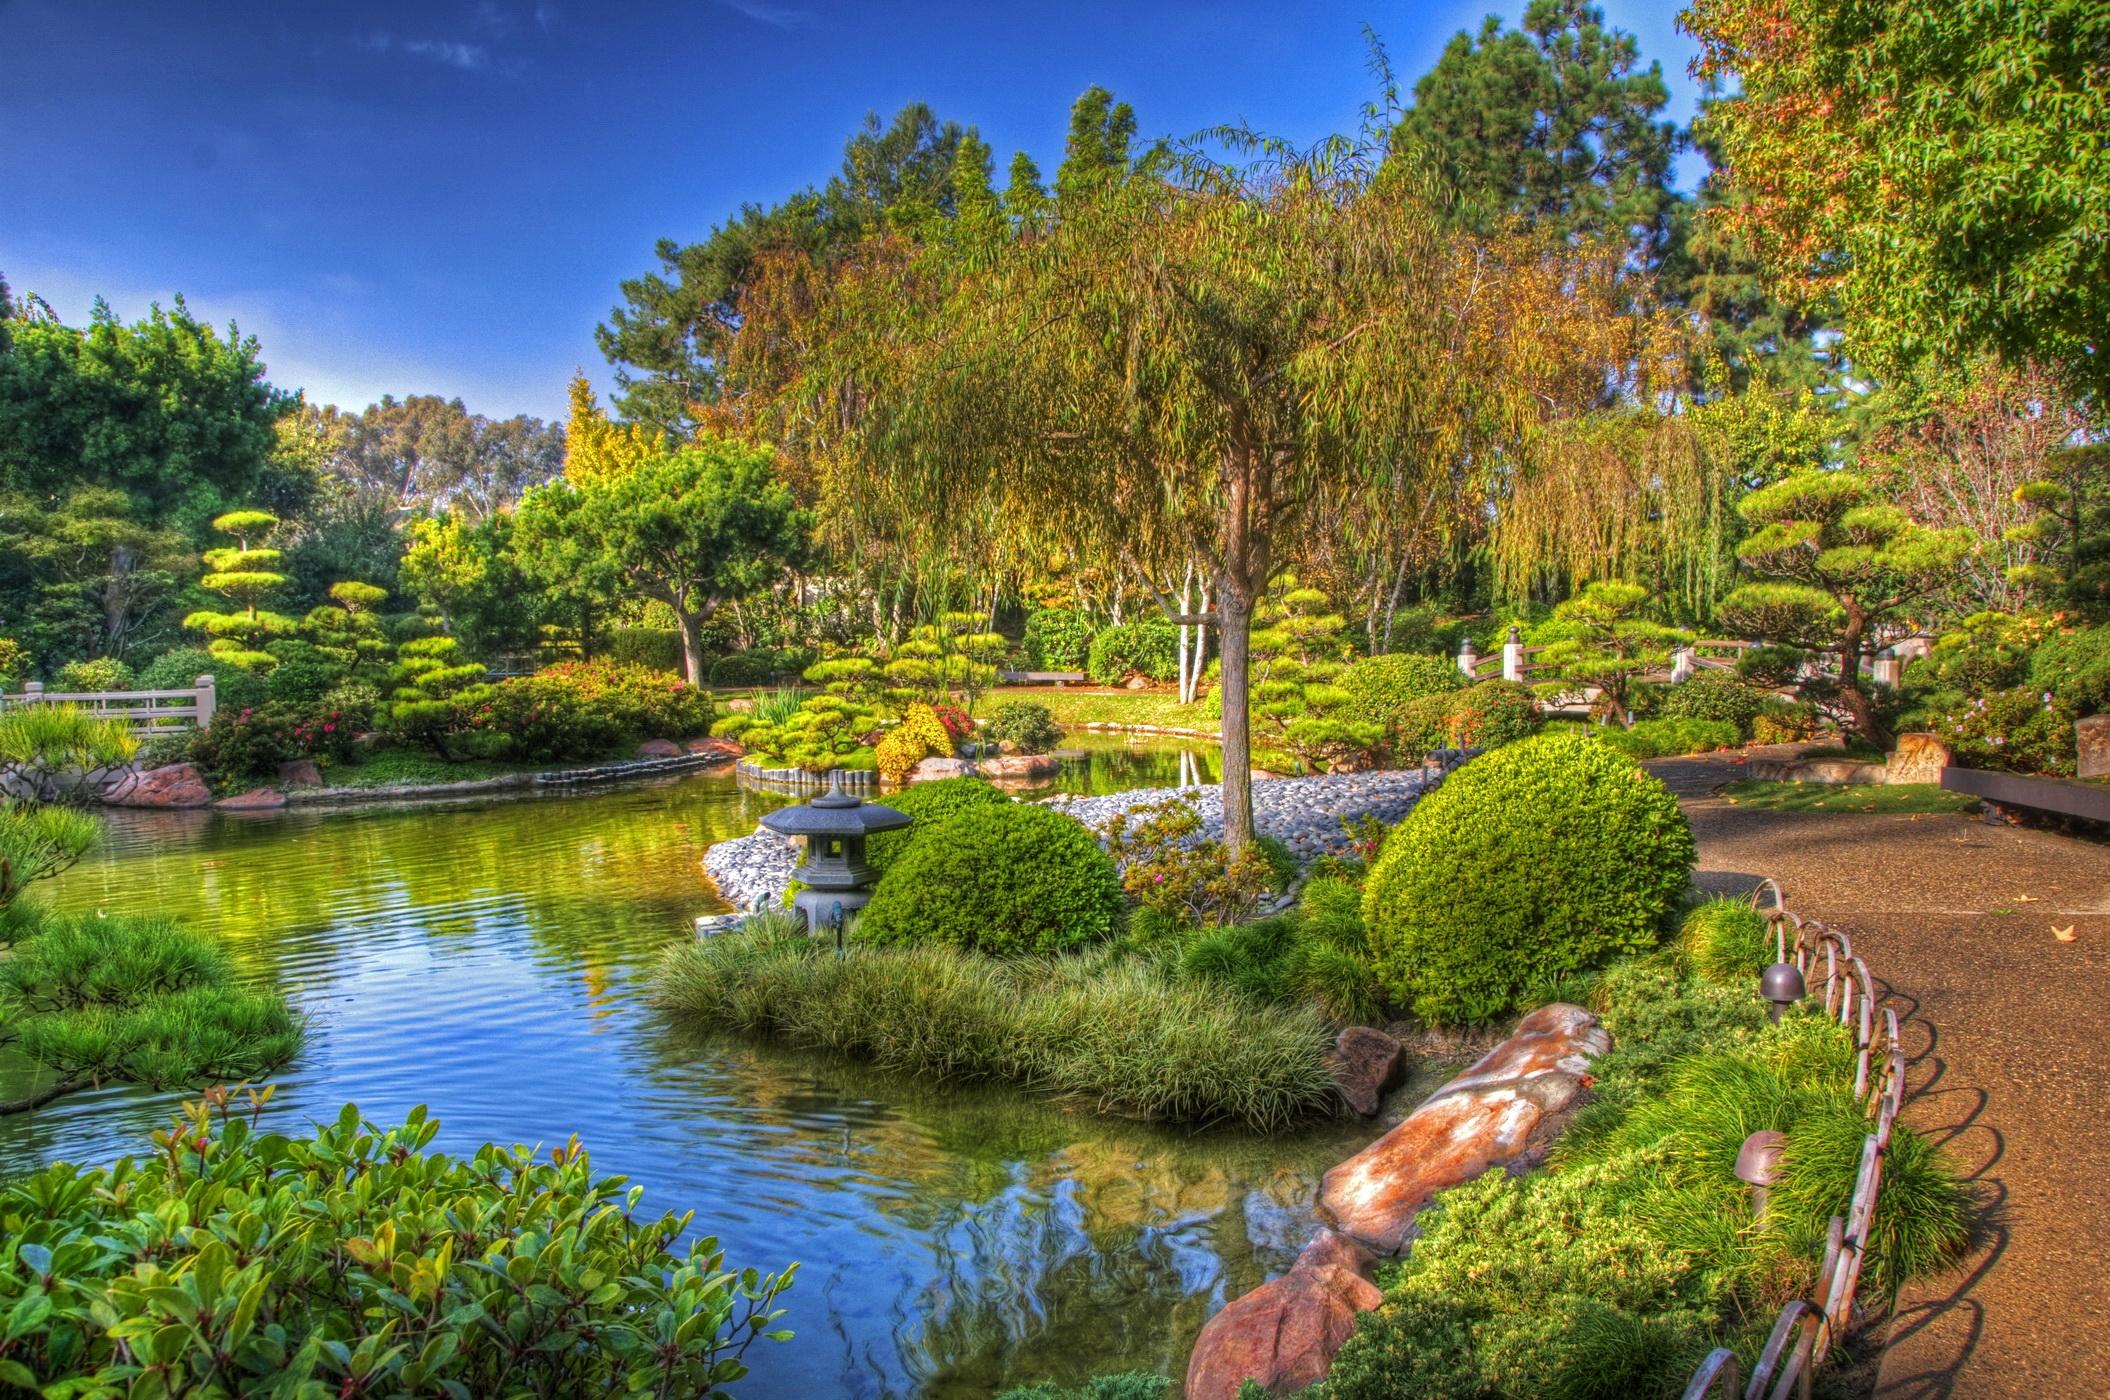 51316 скачать обои Китай, Природа, Деревья, Зеленый, Сад, Ярко, Дорожка, Оттенки - заставки и картинки бесплатно